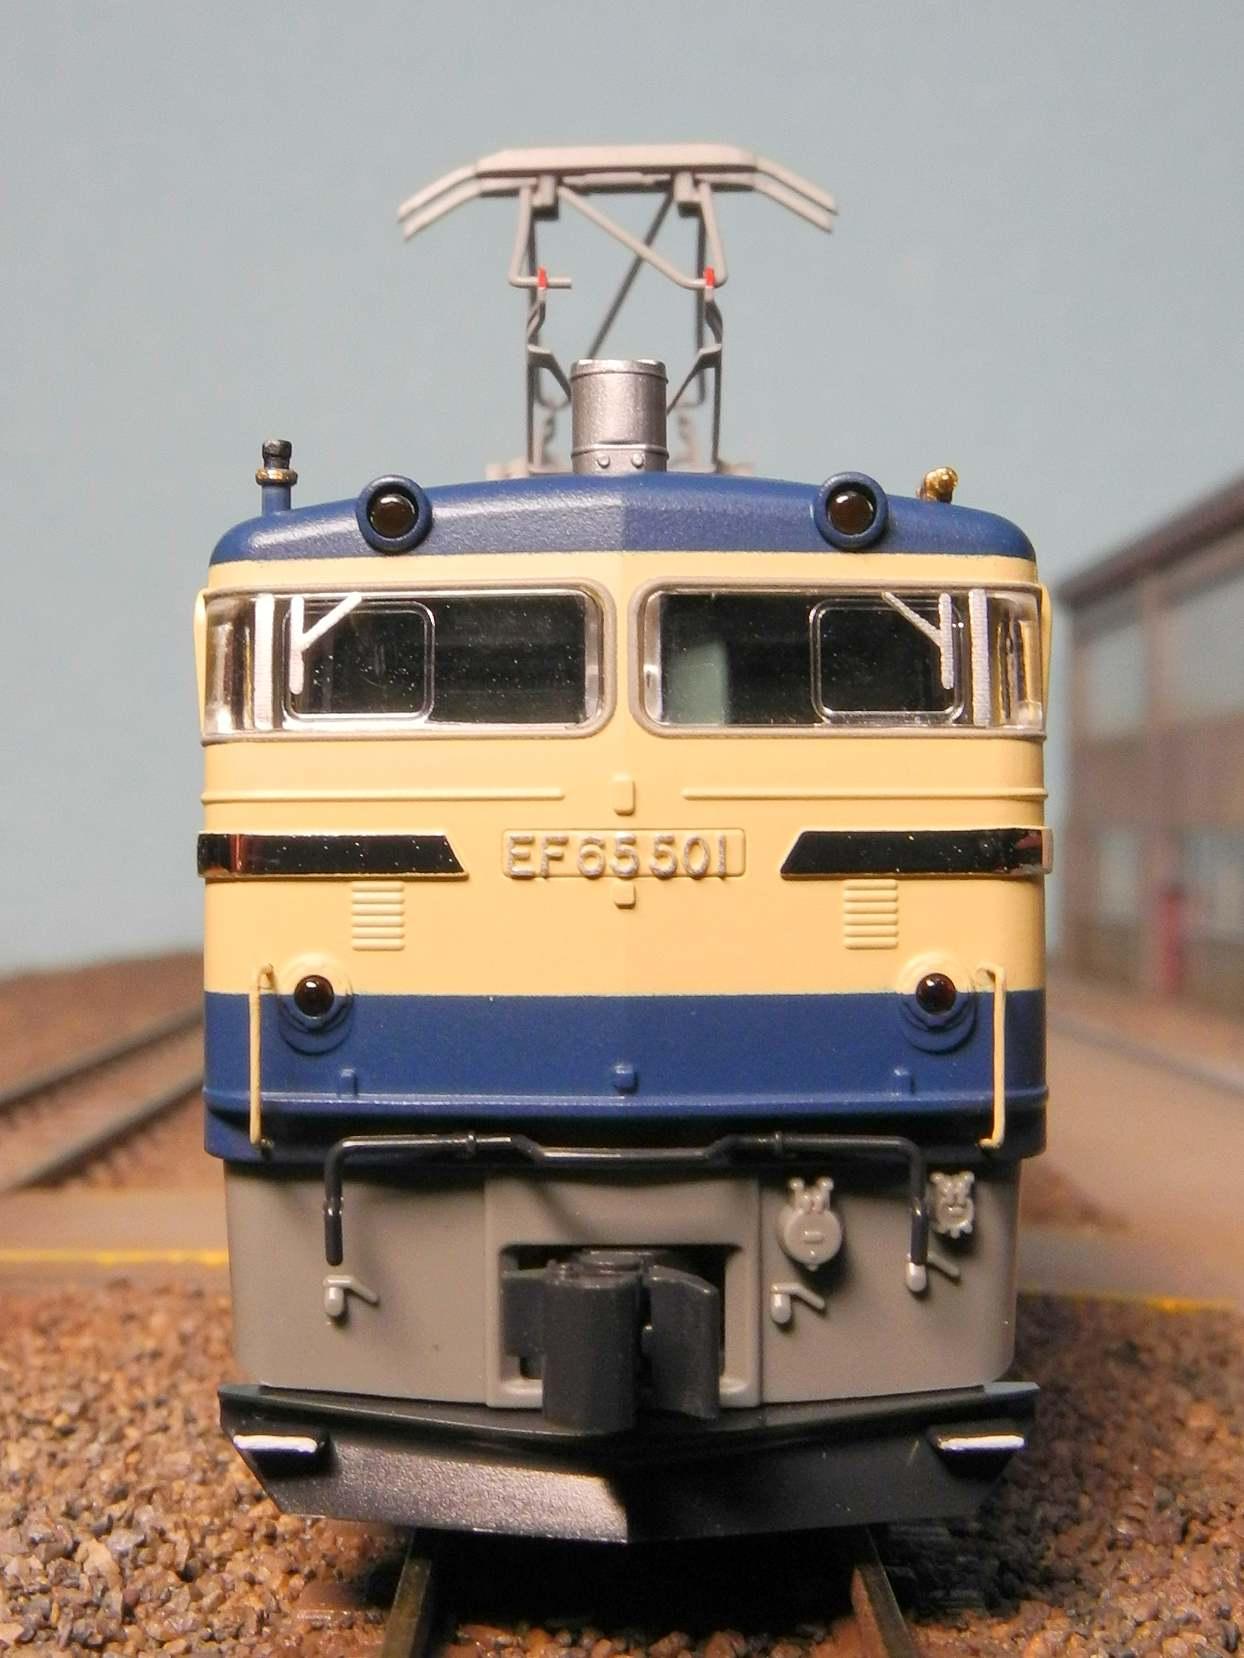 DSCN7546-1.jpg